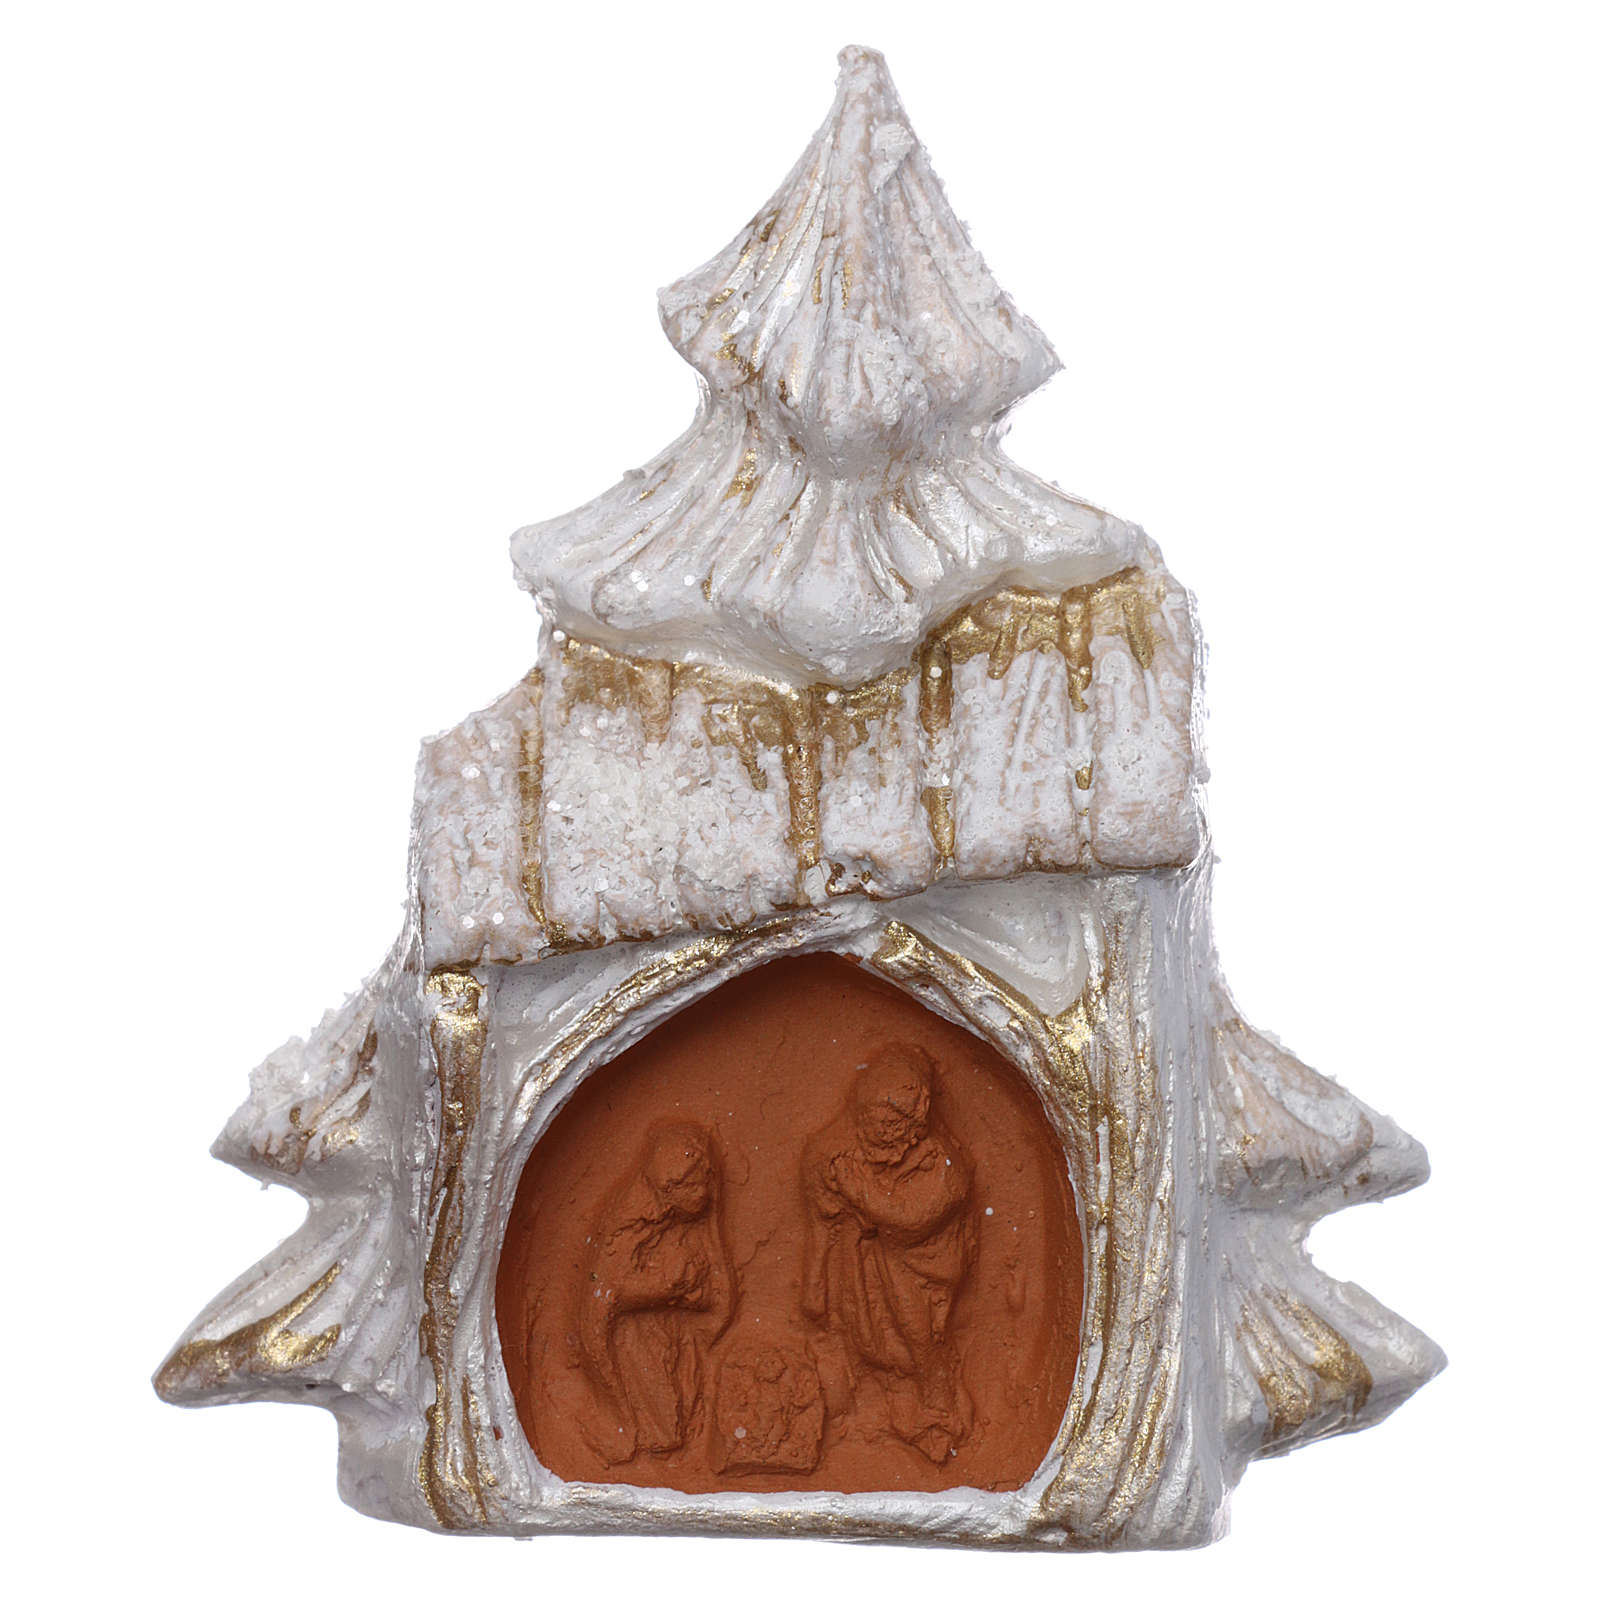 Aimant sapin de Noël blanc et or avec Nativité terre cuite Deruta 3